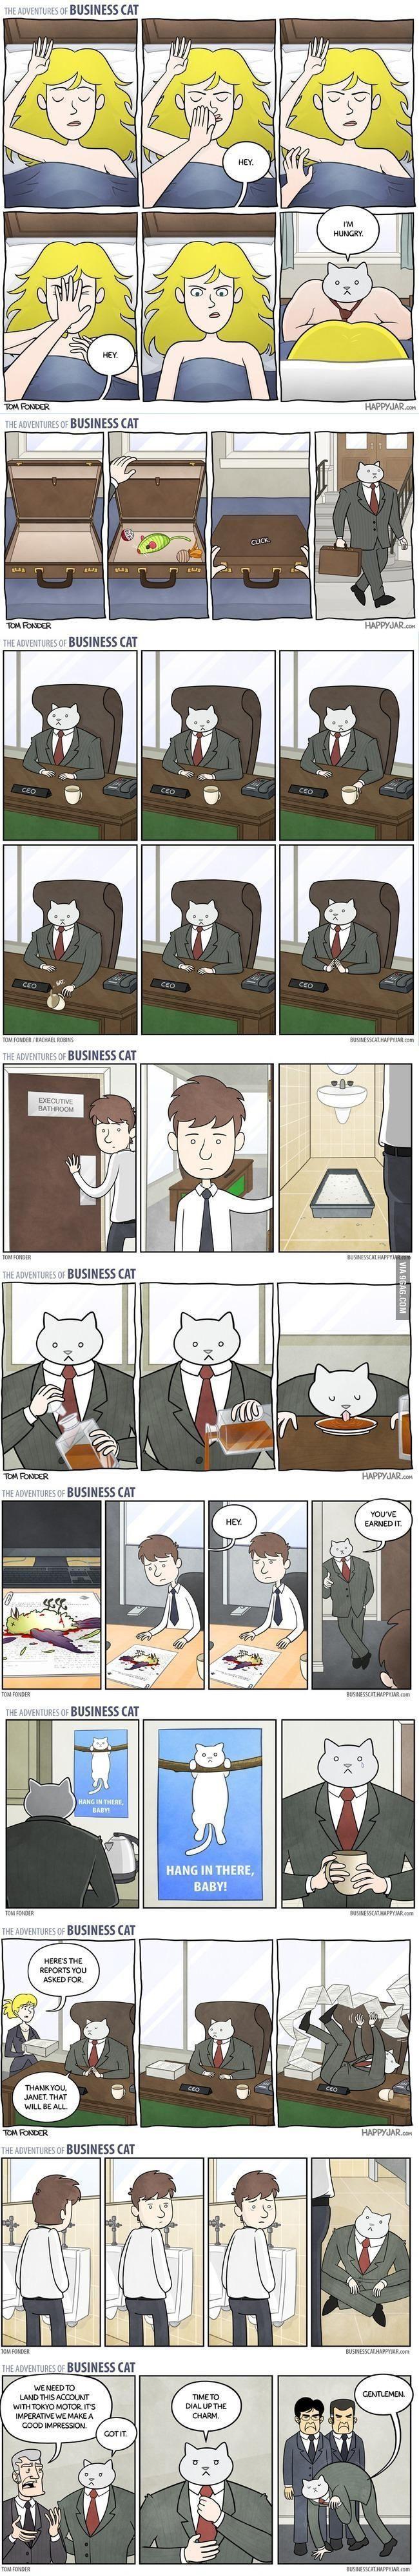 #businesscat